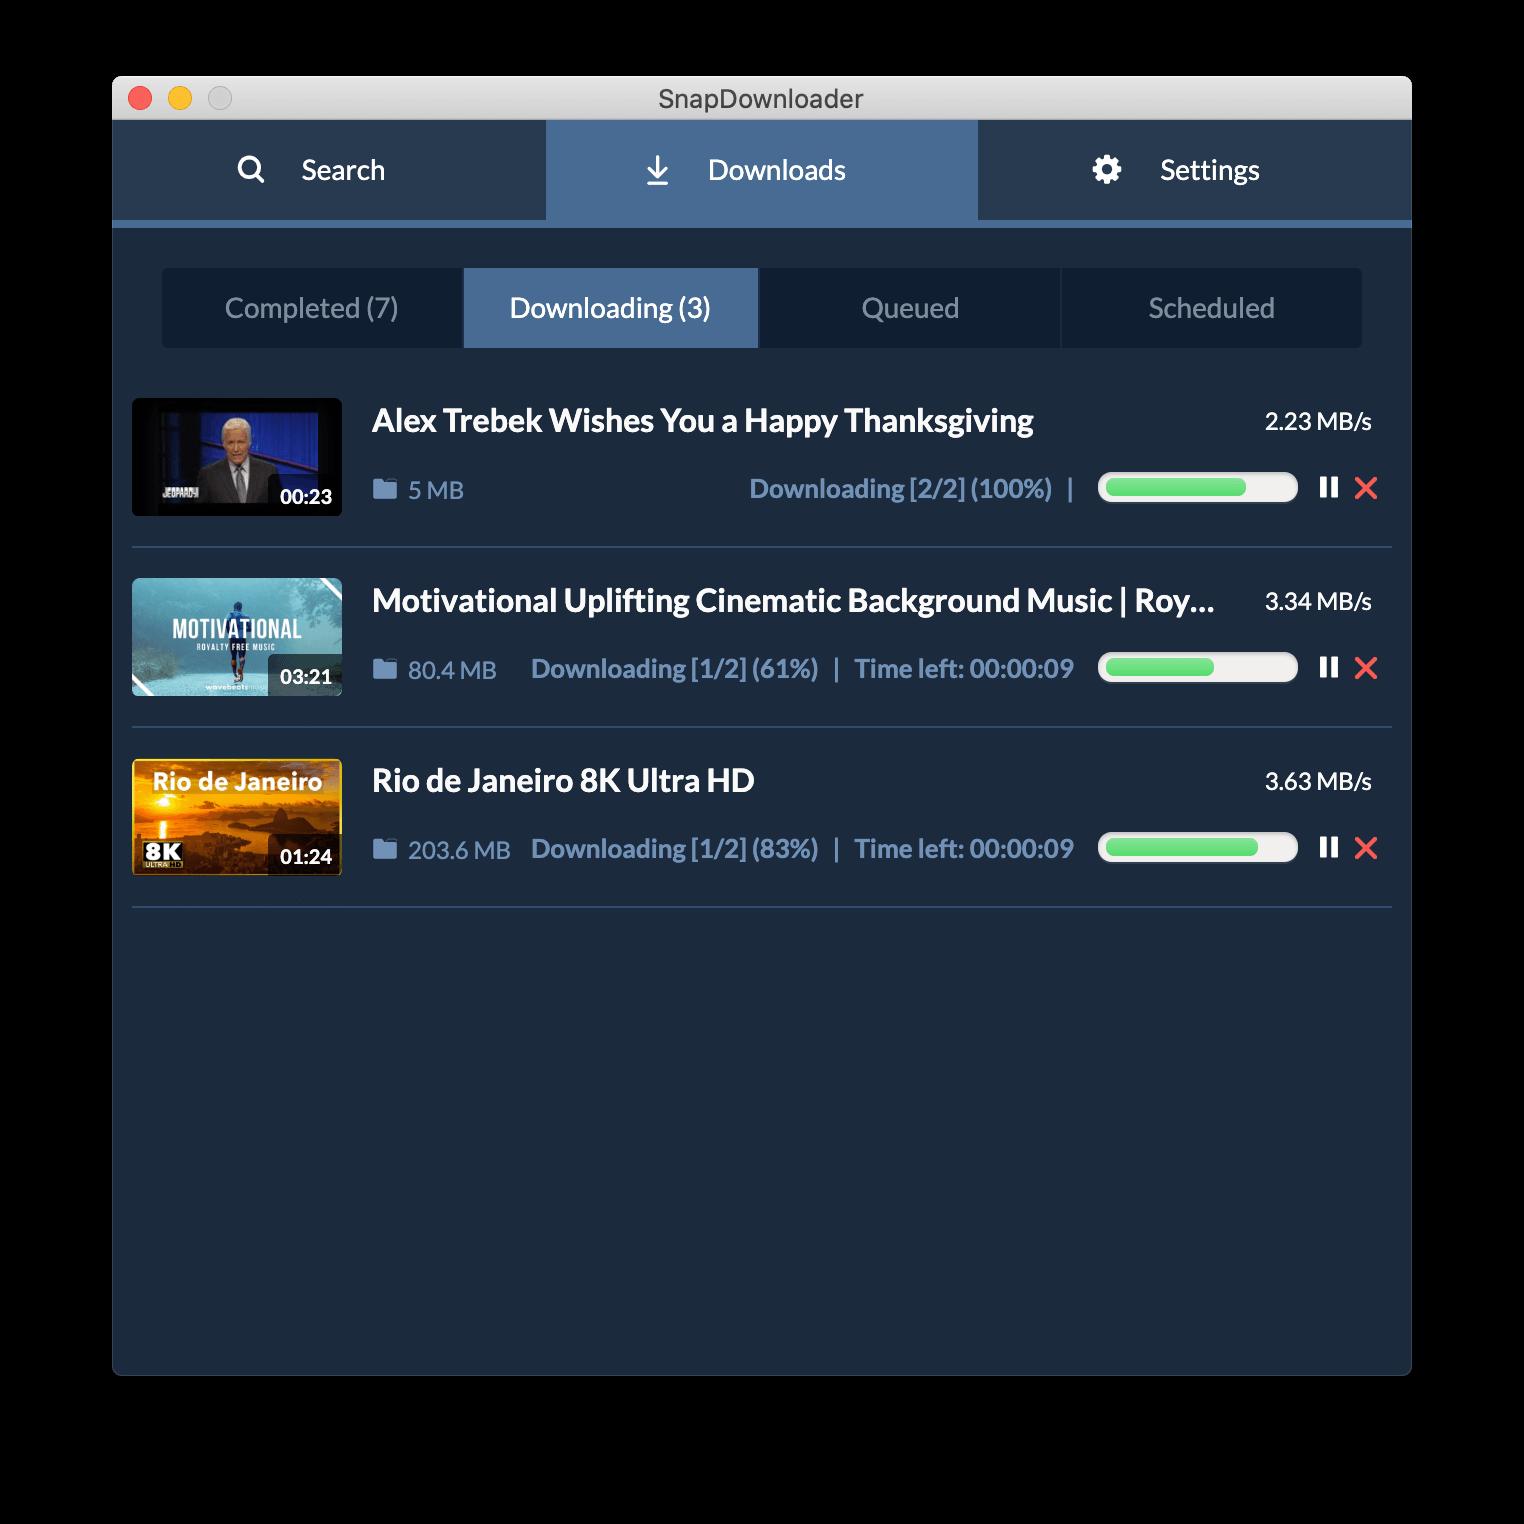 Reddit video downloader for Windows and macOS - SnapDownloader